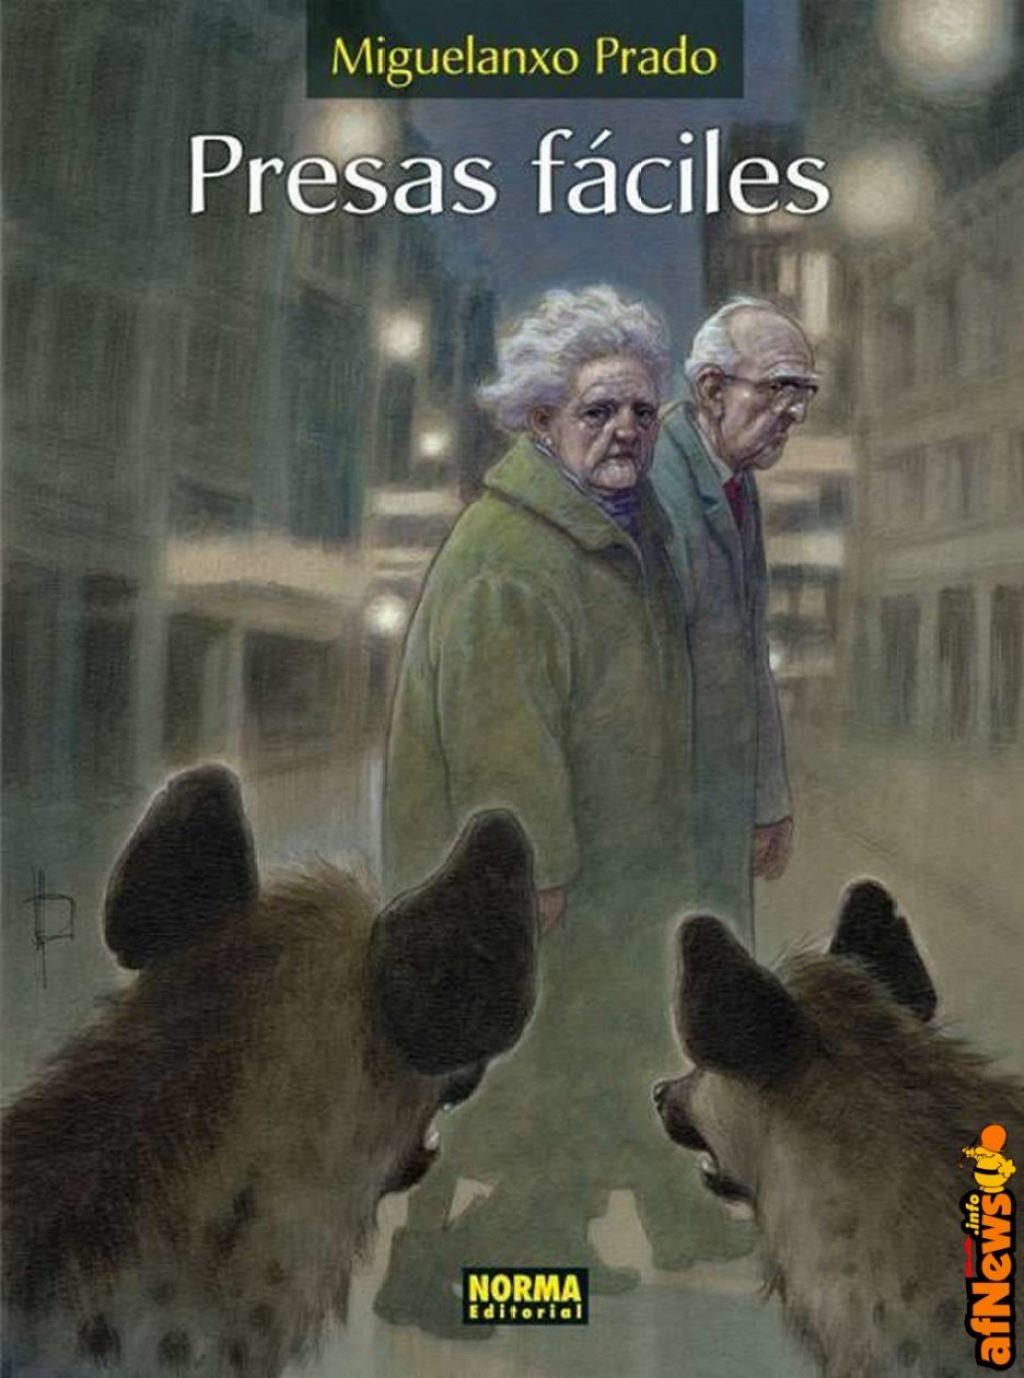 PRESAS FÁCILES.1 - afnews